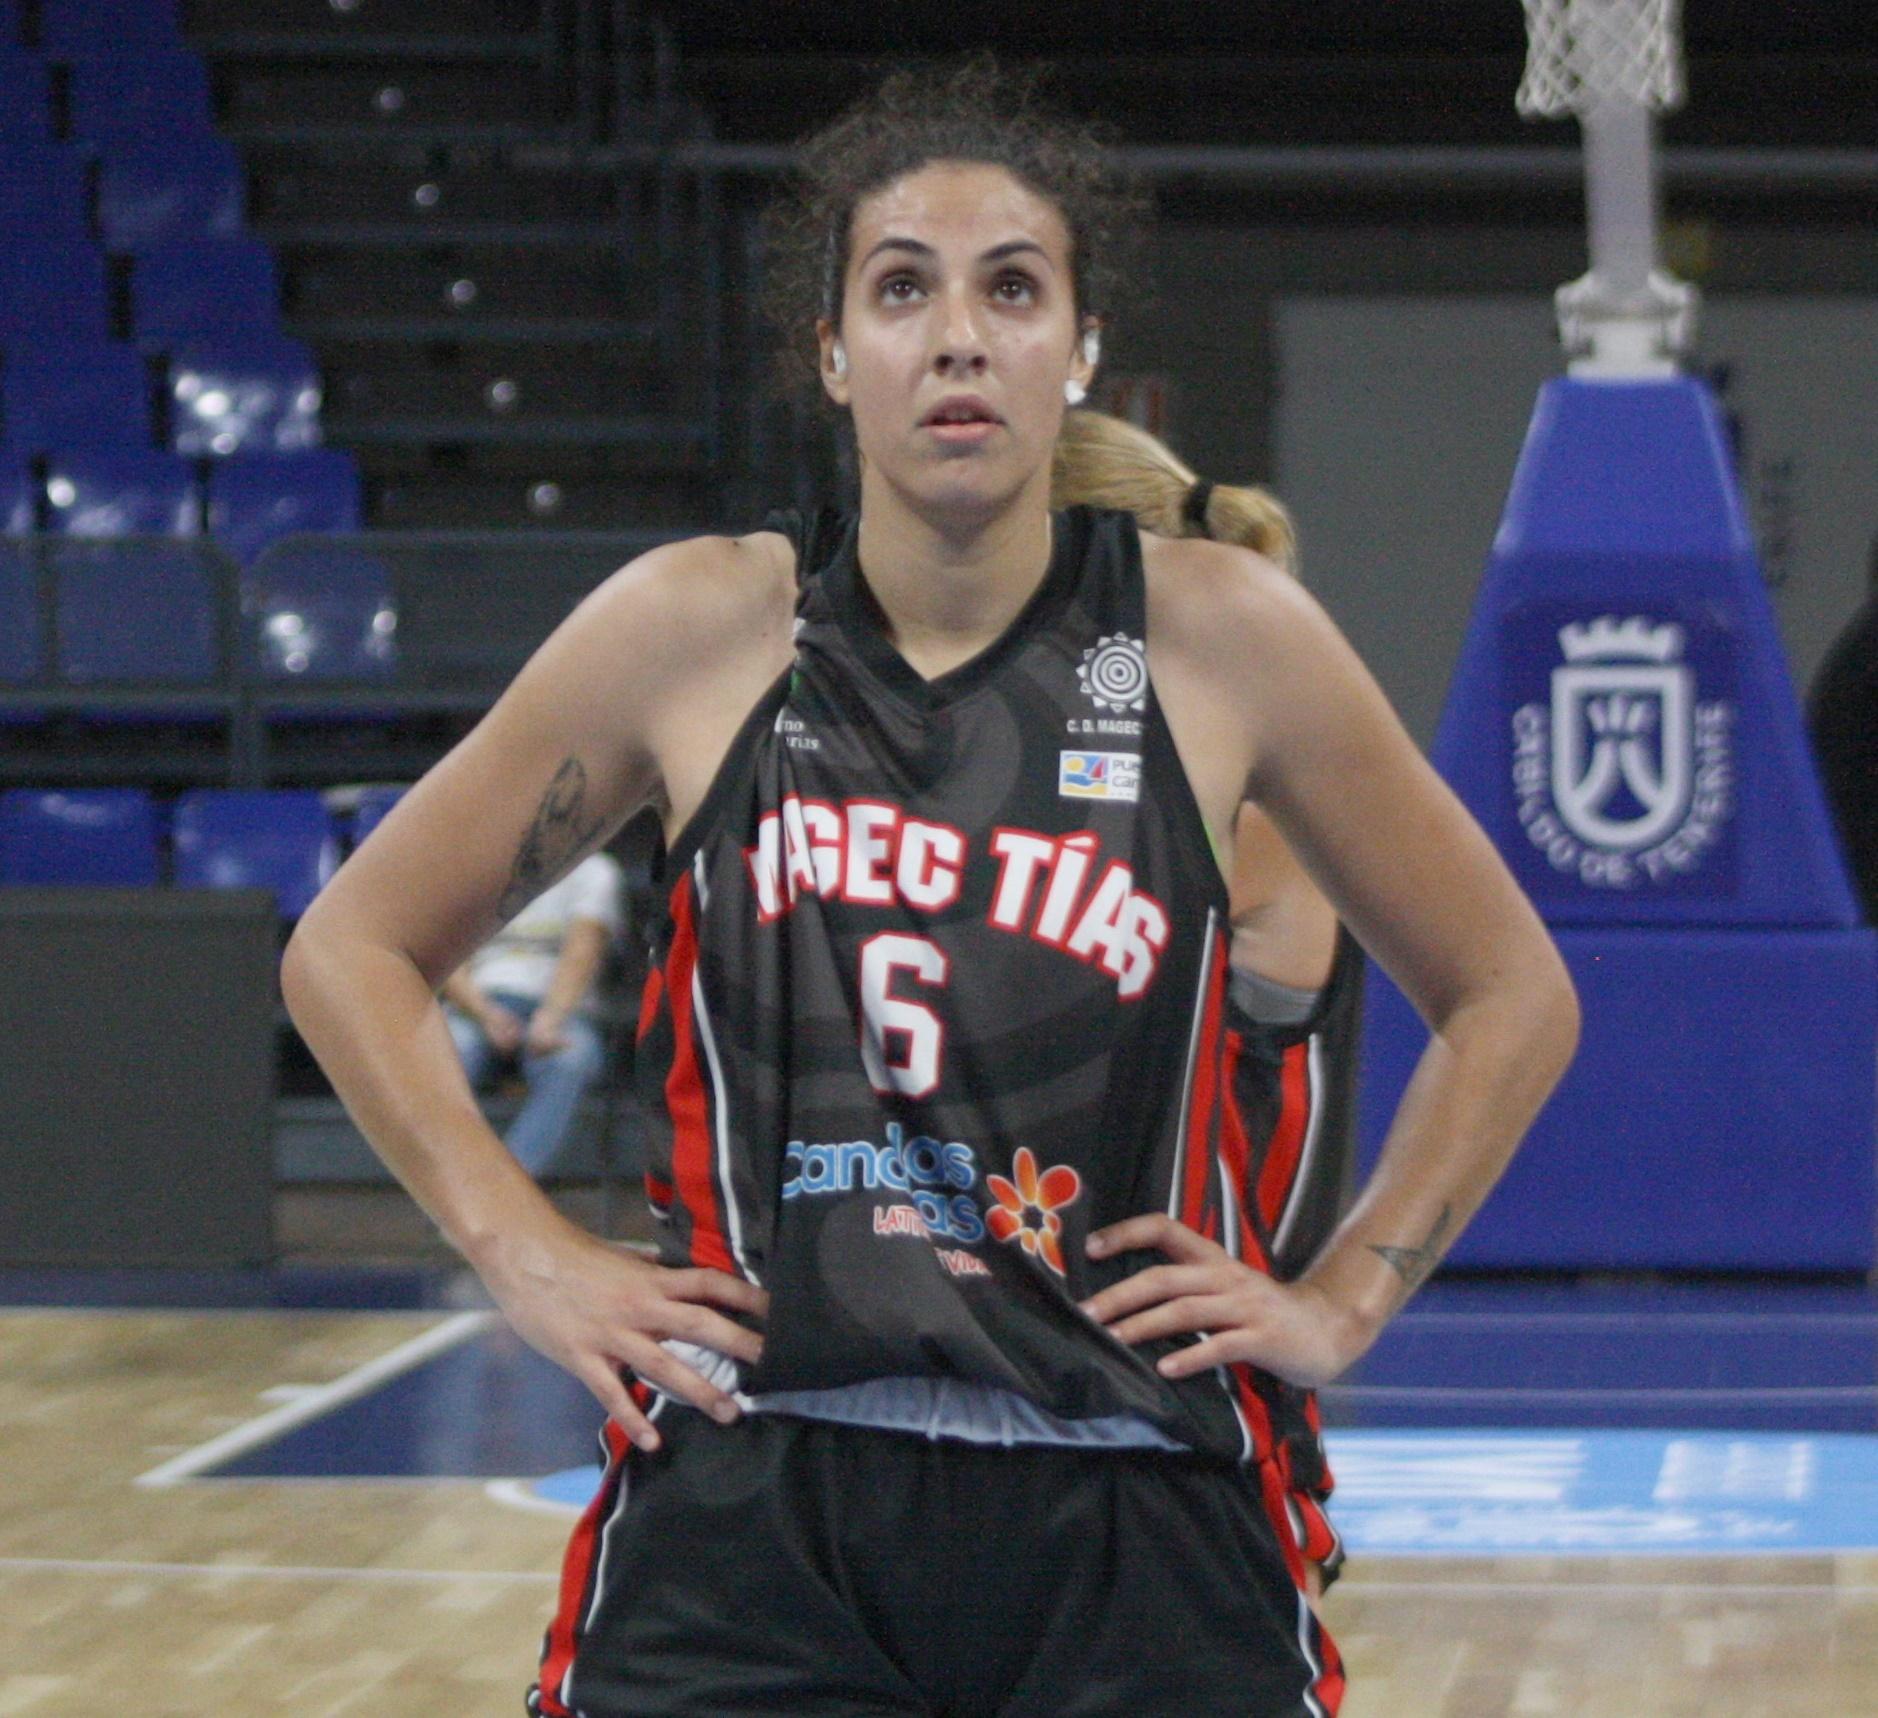 Entrevista | Yaiza García medita jugar una temporada más